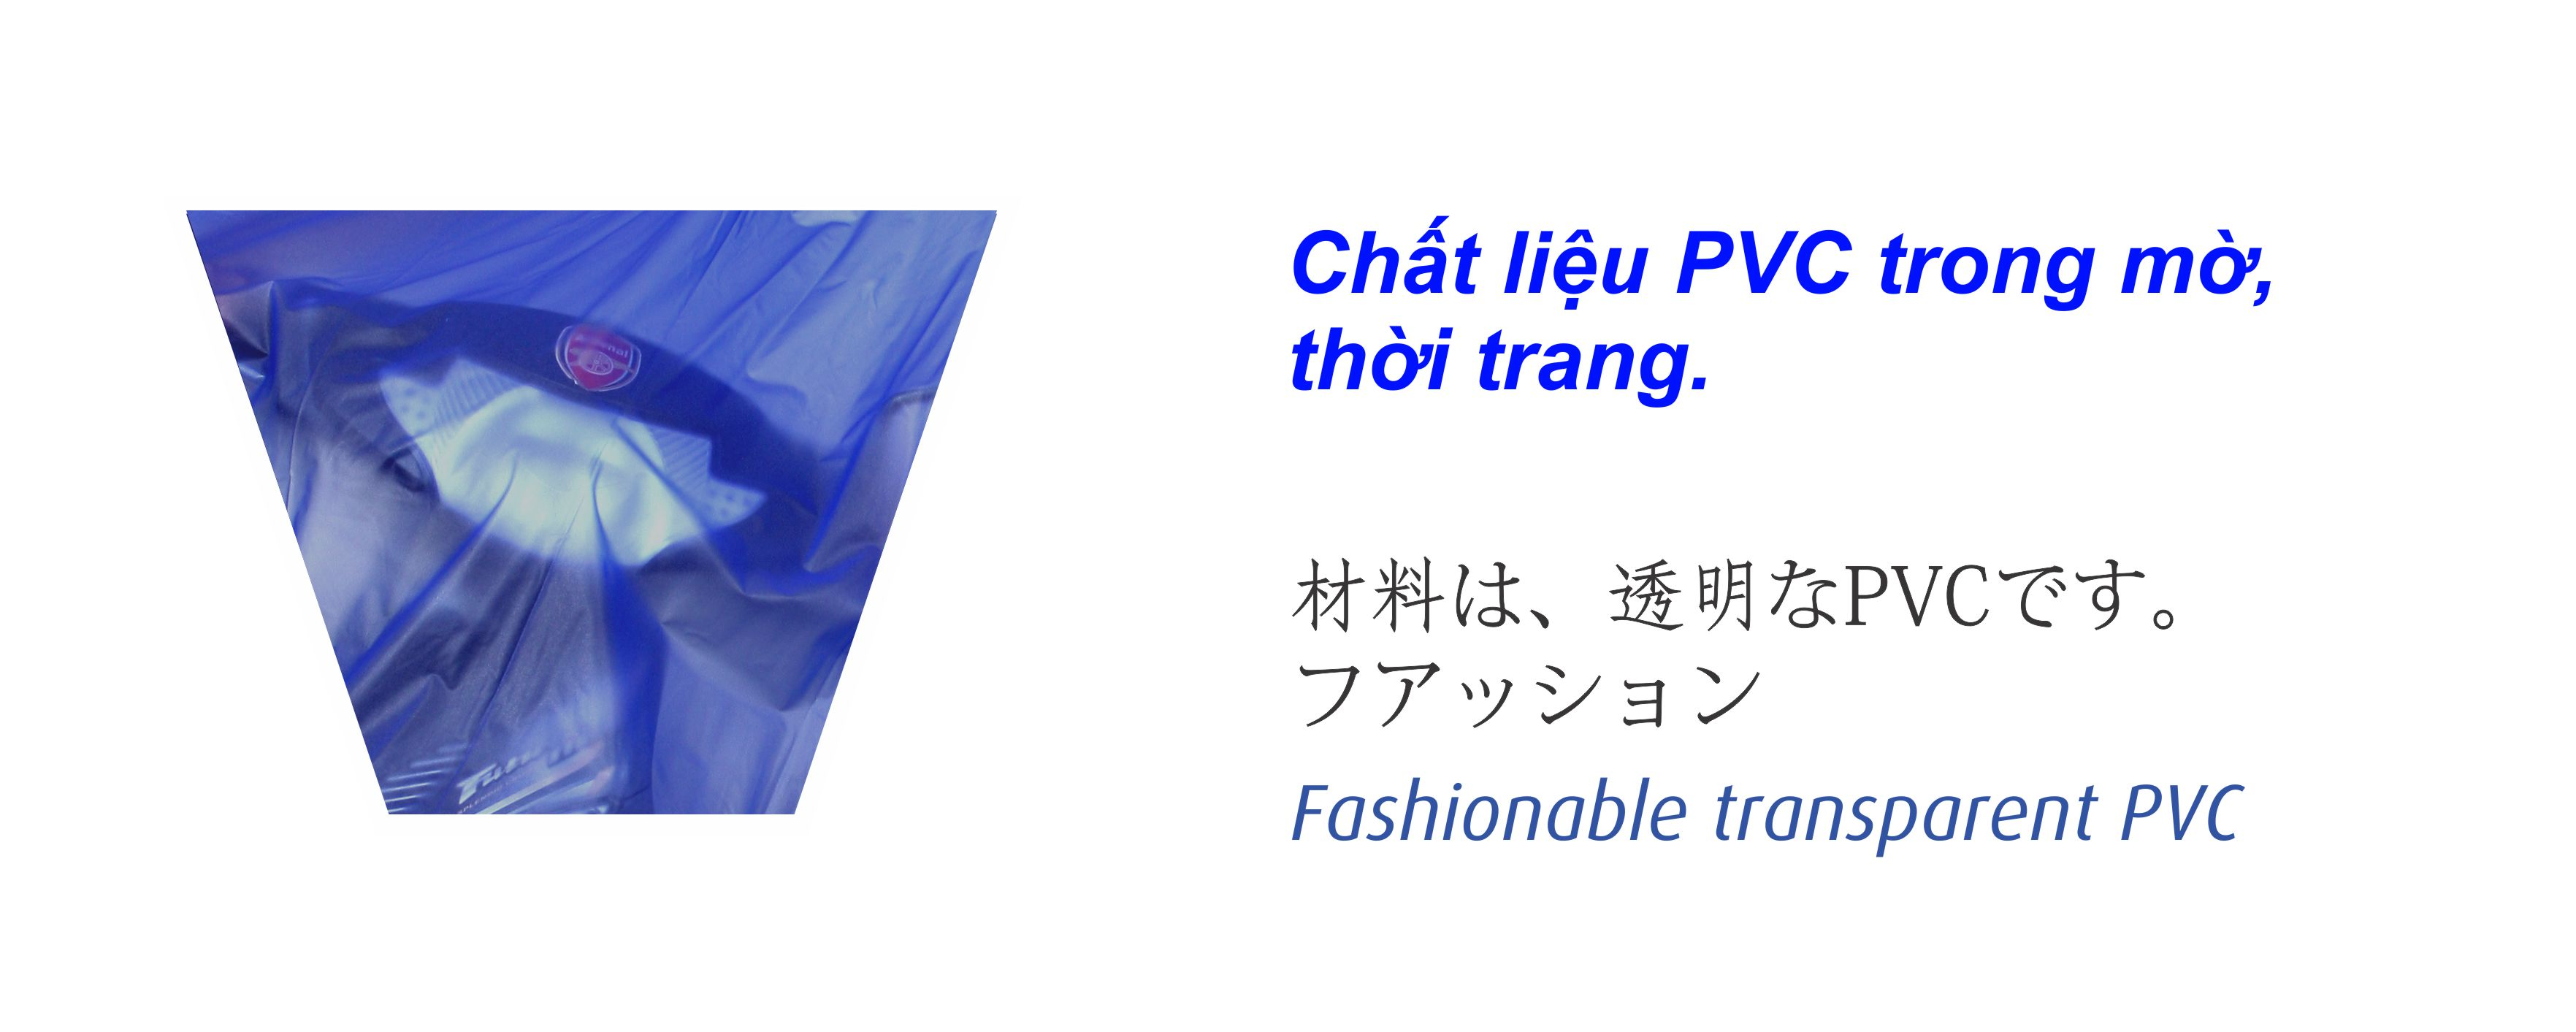 Chất liệu PVC bộ áo mưa trong màu - RANDO